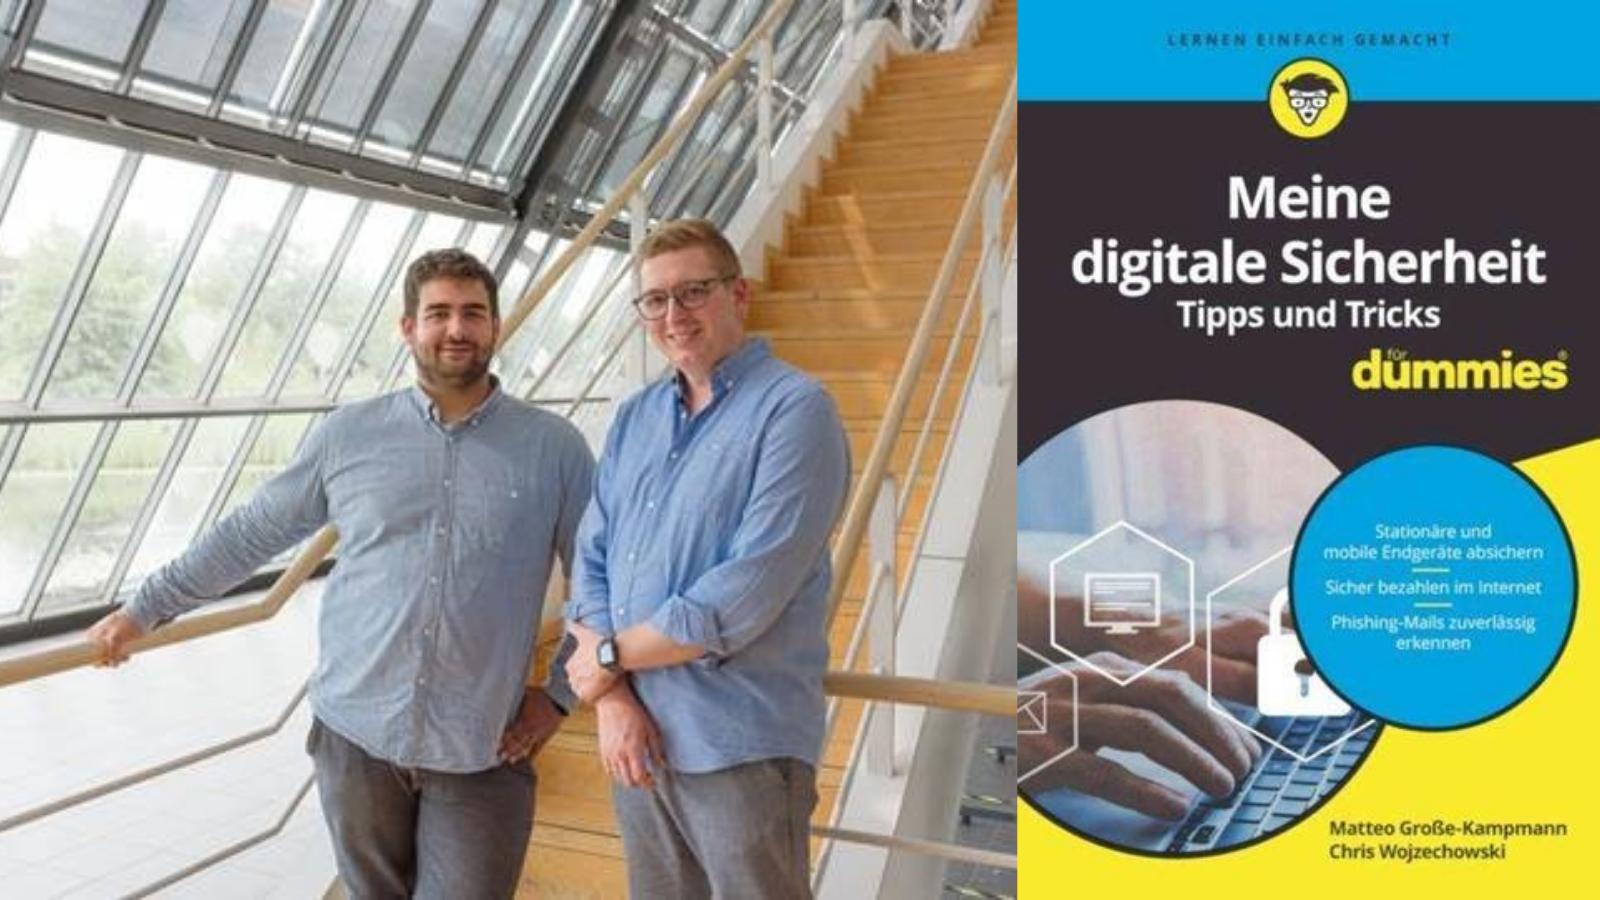 """Gründer von Aware7 veröffentlichen Buch """"Meine digitale Sicherheit - Tipps und Tricks für Dummies"""""""